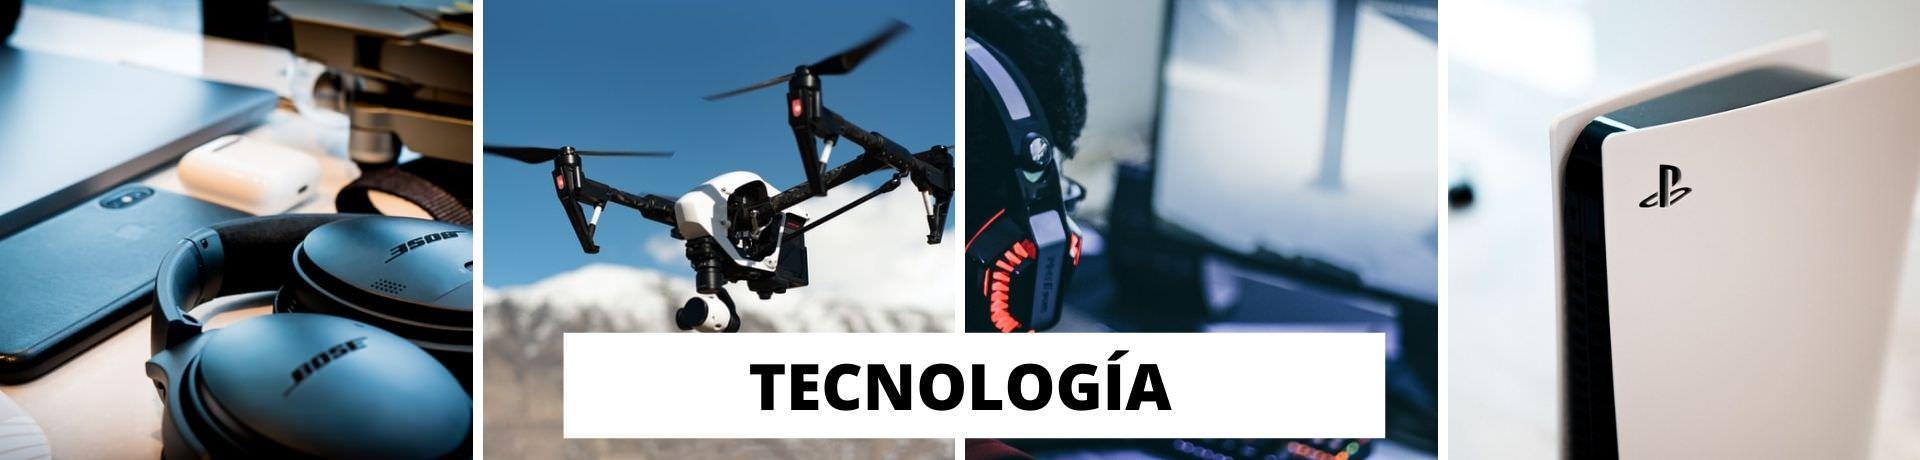 catalog/banner/banner-home-desktop-tecnologia.jpg